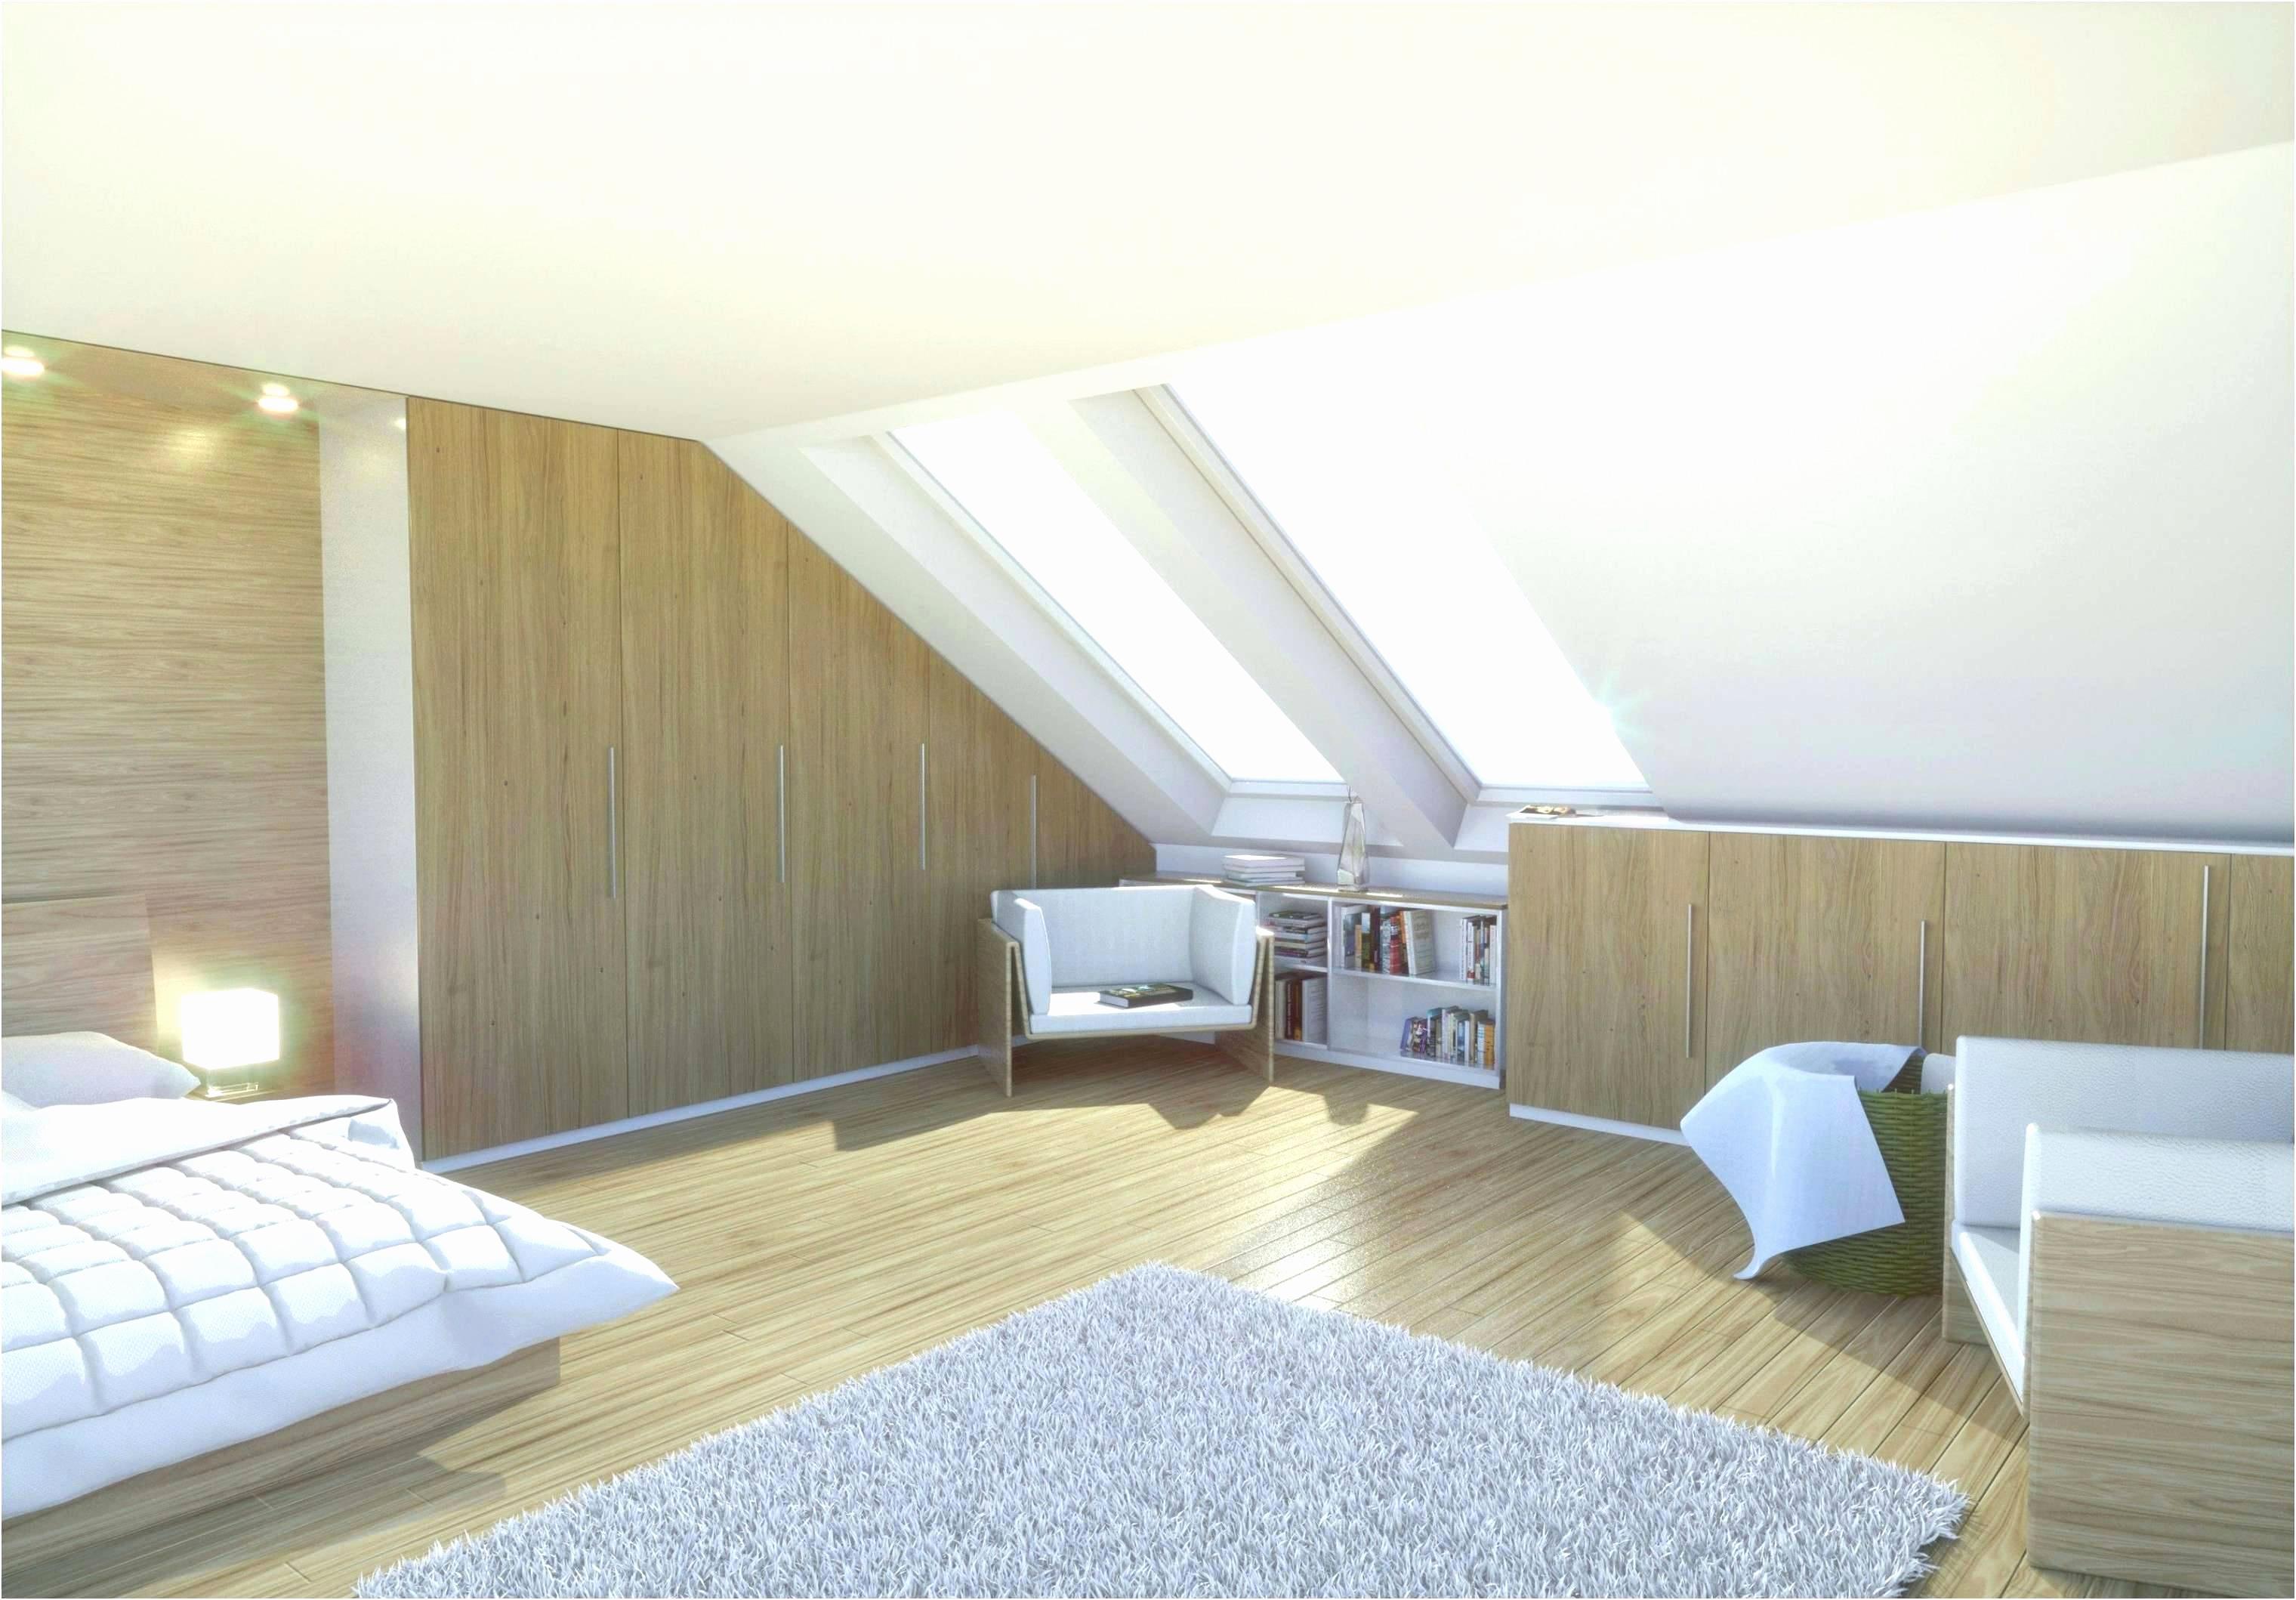 45 Das Beste Von Planen Tipps Gardinen Wohnzimmer